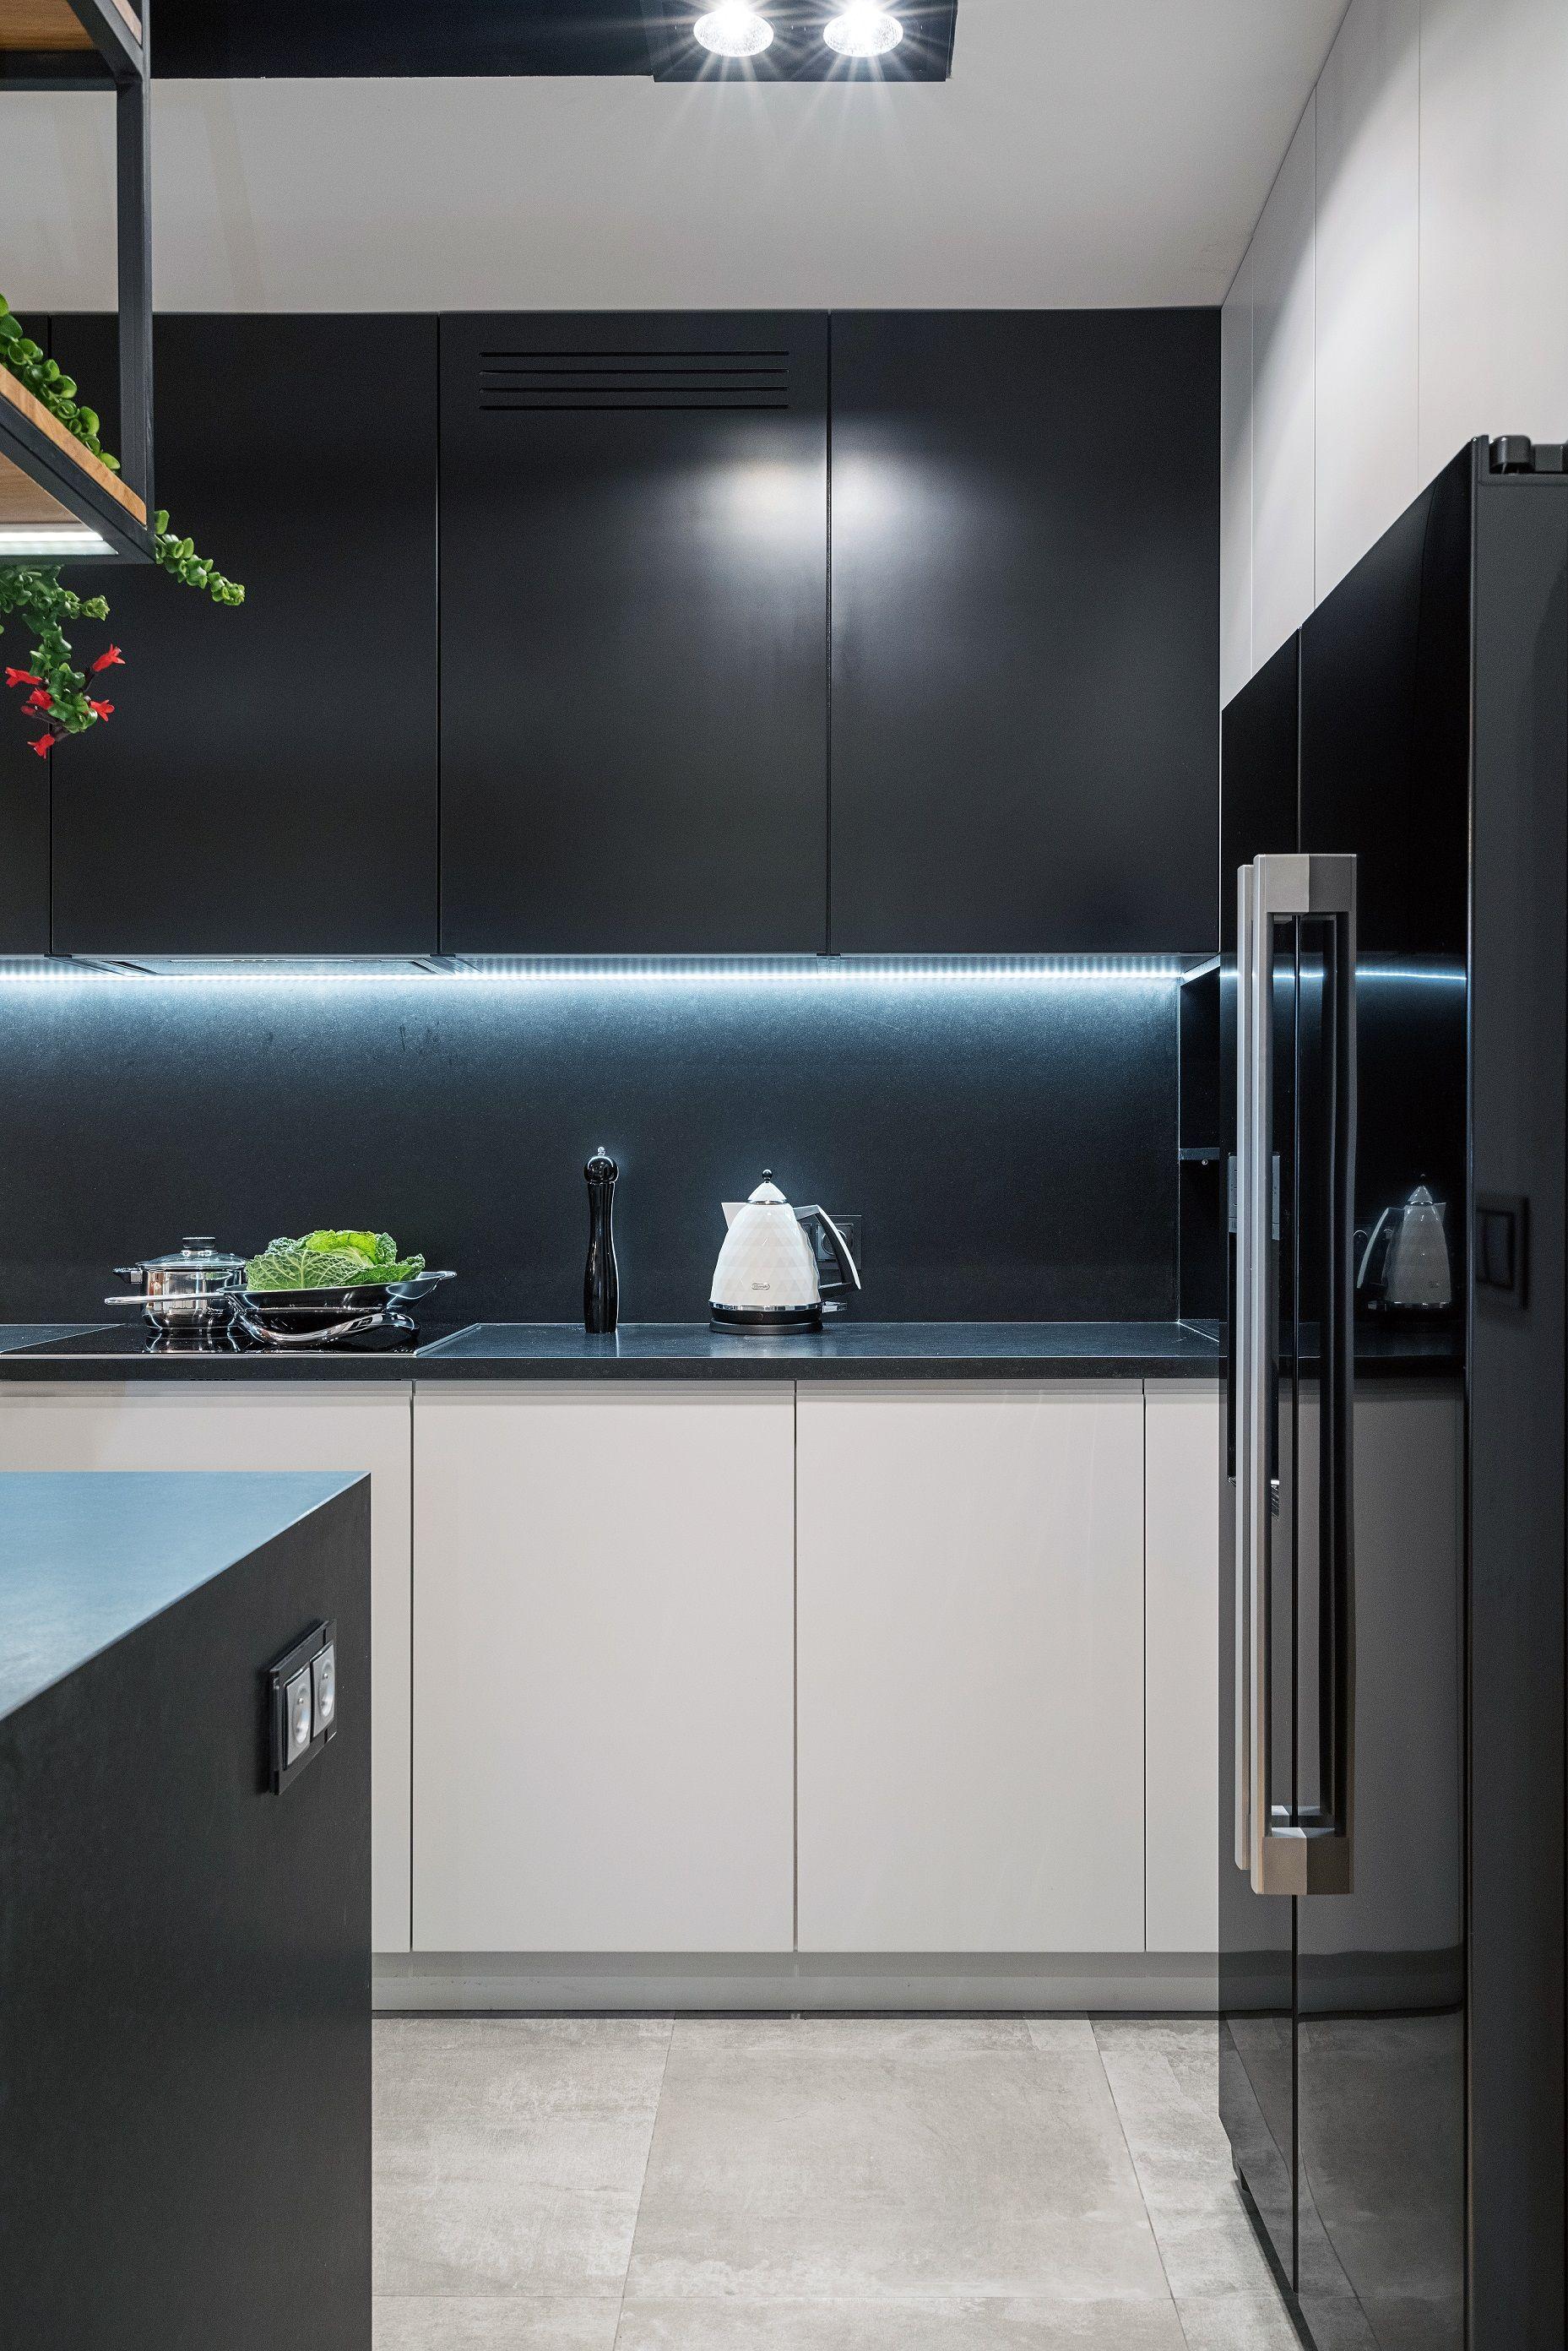 Spojna Calosc Udalo Sie Uzyskac Dzieki Agd W Kolorze Blatow I Gornych Szafek Kuchnia Aranzacja Inspiracje Design Kitchen Home Decor Home Decor